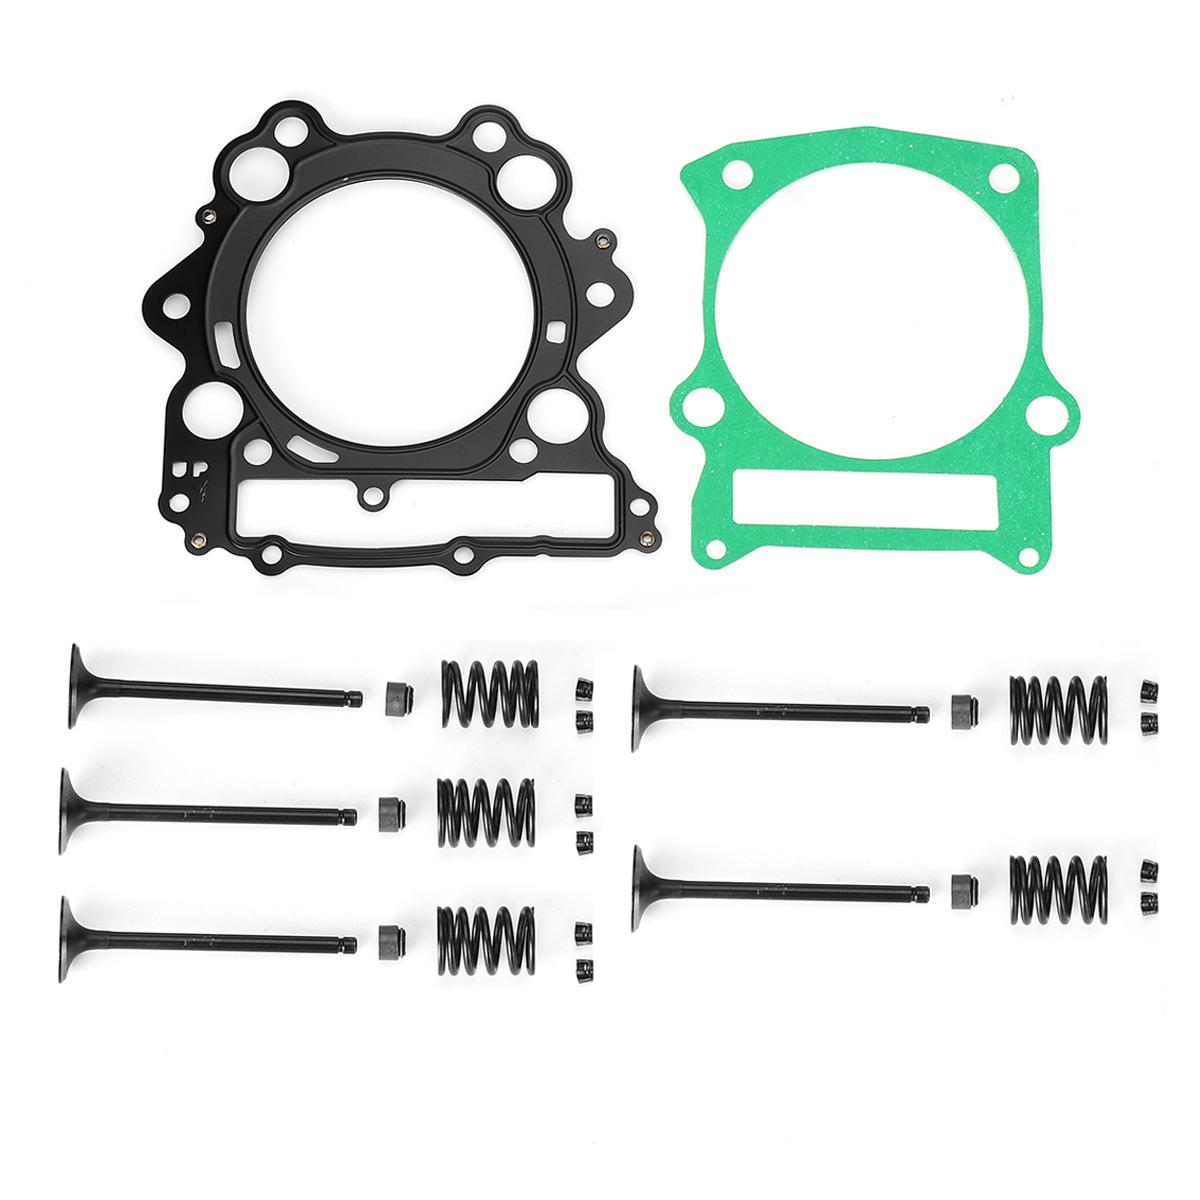 Cylinder Head Valve Spring Rebuild Kit For Yamaha: Air Cylinder Gasket Intake Exhaust Valve Spring Kit For